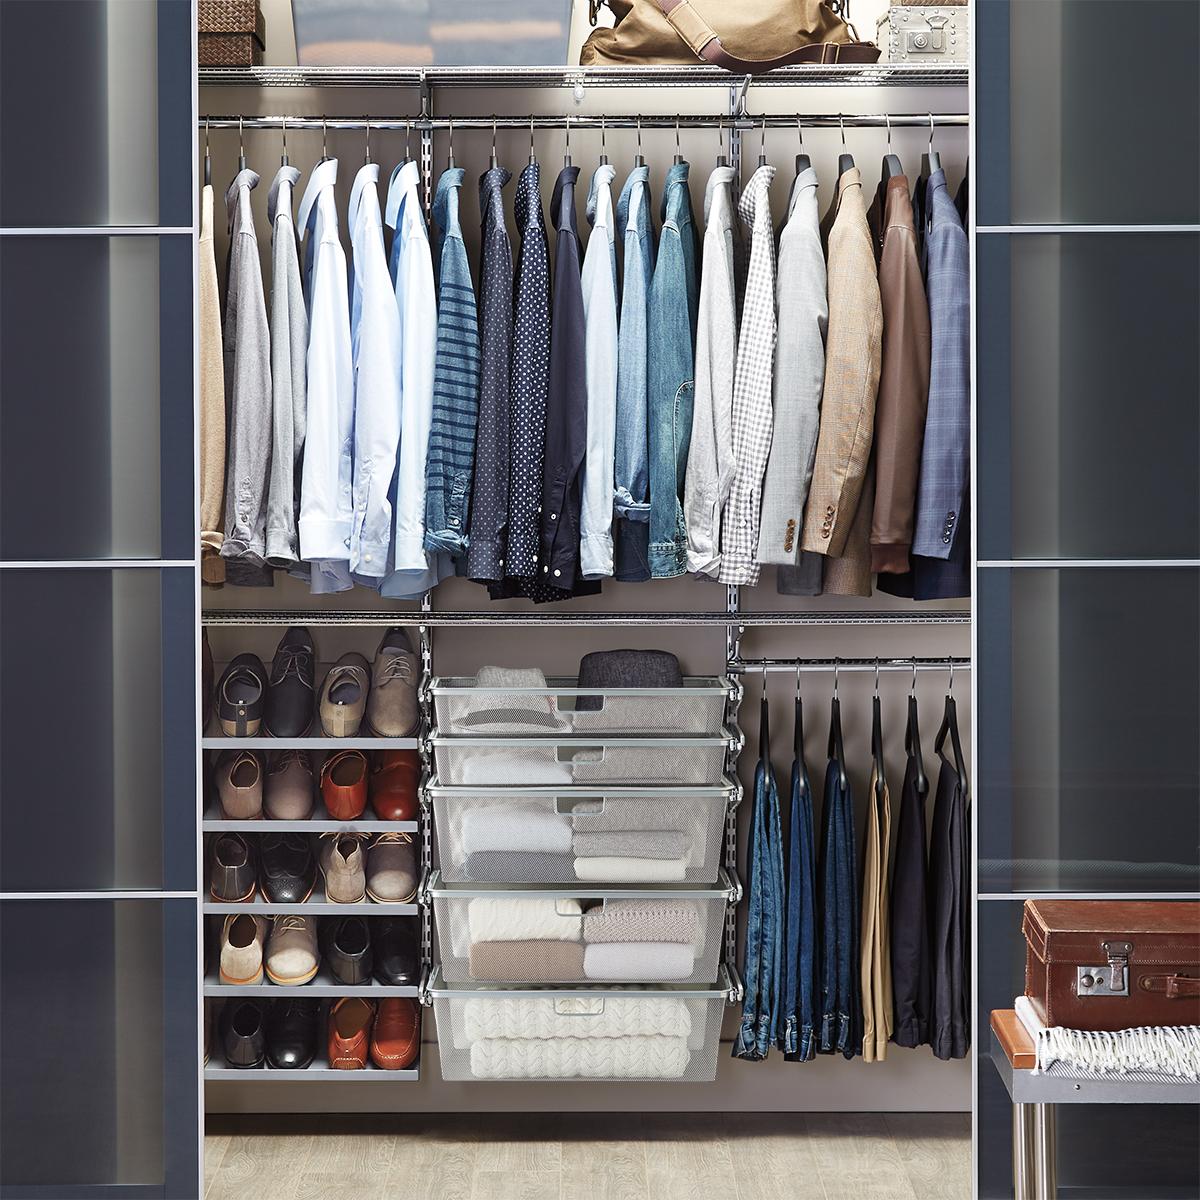 Elfa Classic 6' Platinum Reach-In Closet